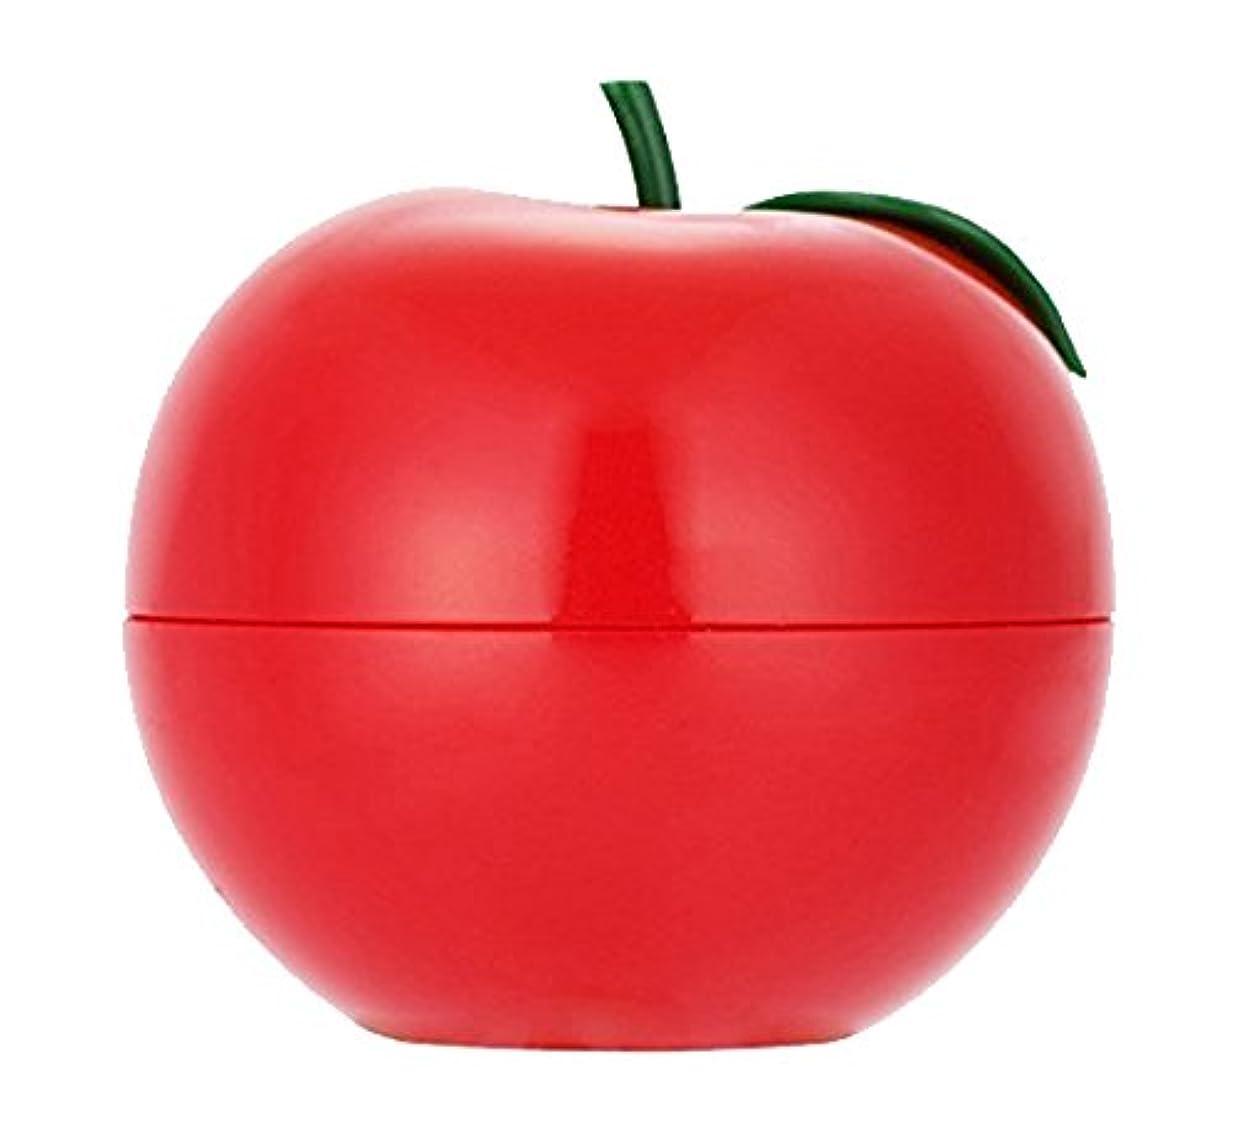 提供する好戦的なクレジットトニーモリー TONY MOLY レッド アップル ハンドクリーム